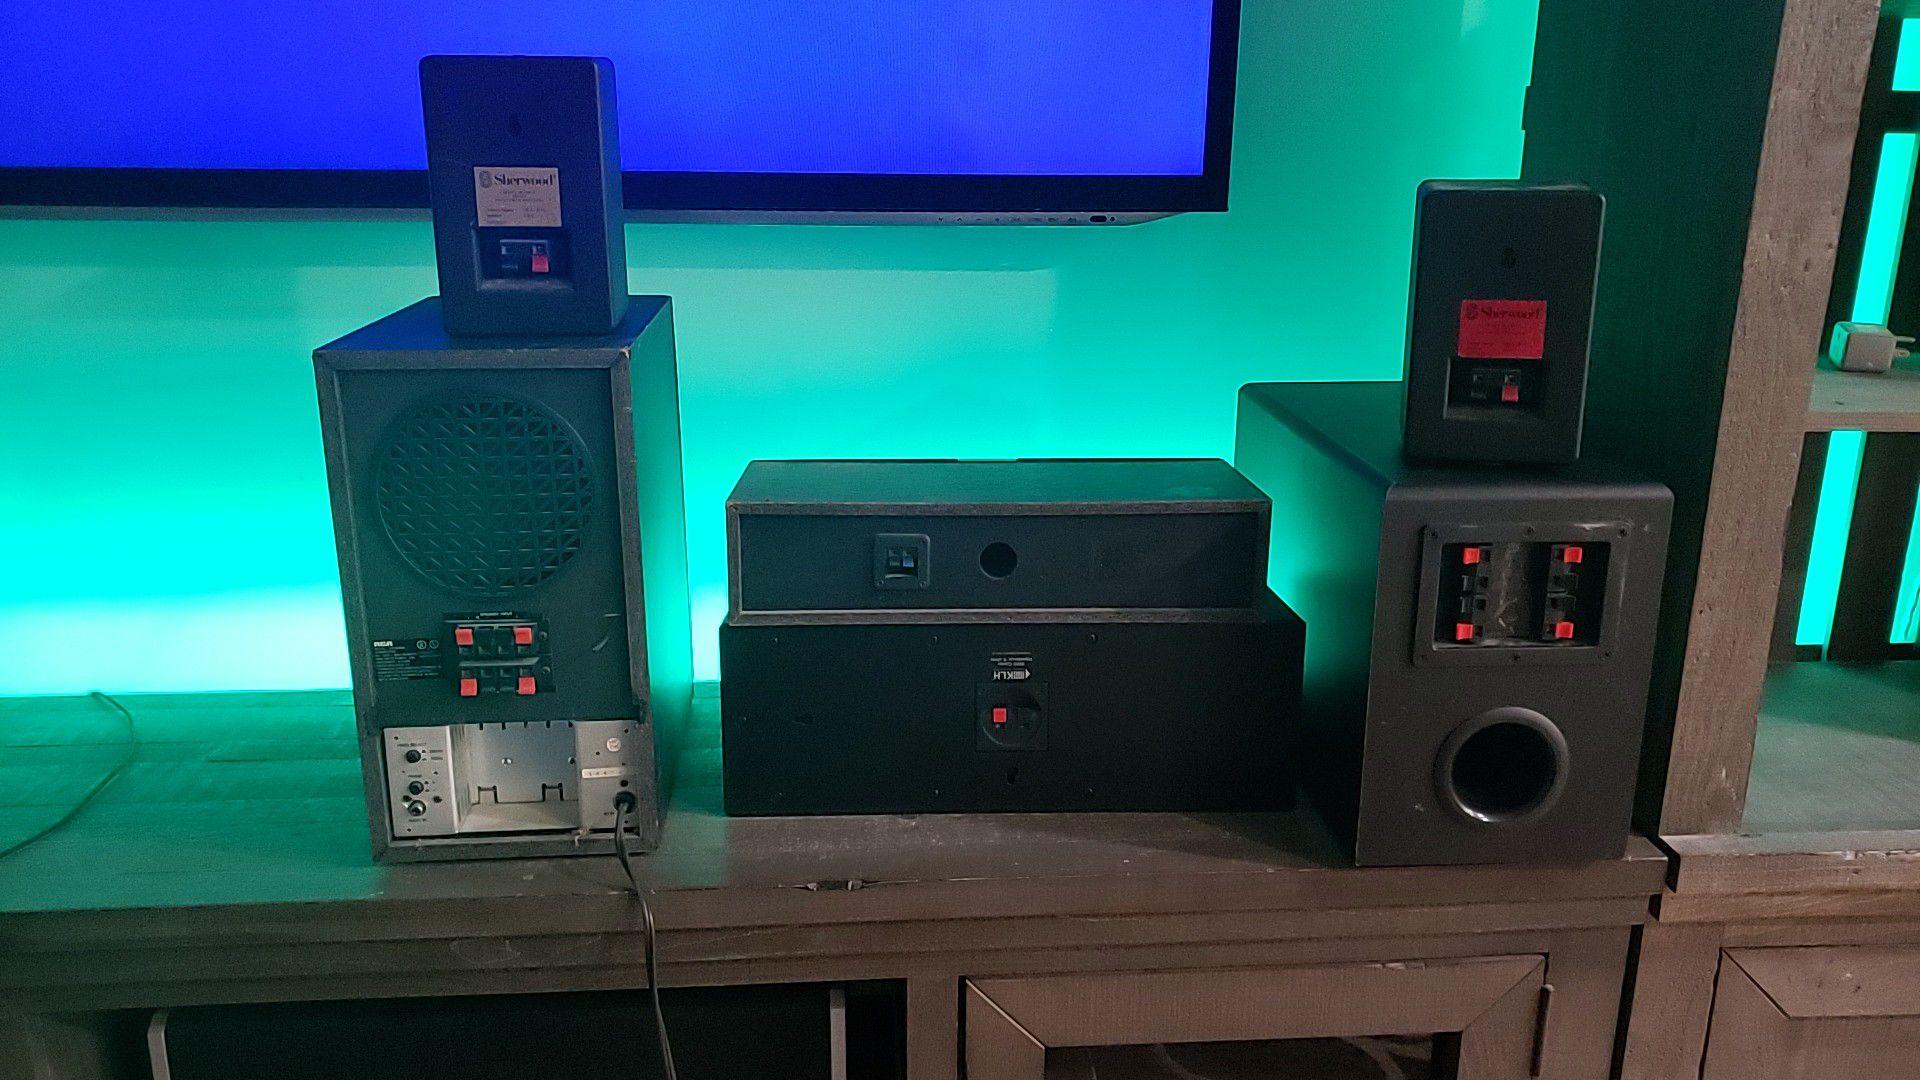 Speakers surround sound